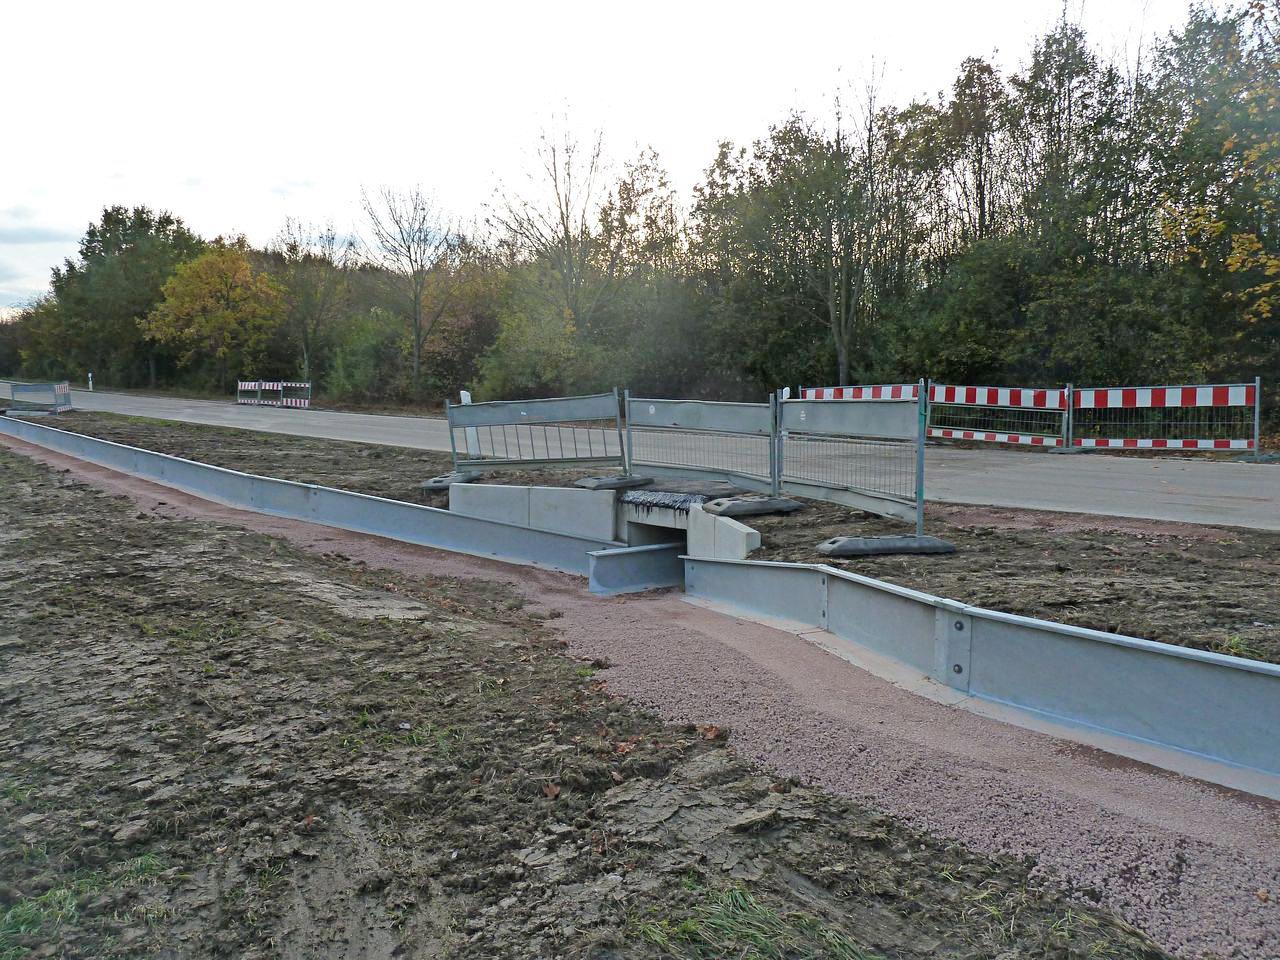 Neuer Krötentunnel. (Bild von Reinhold Löffel)